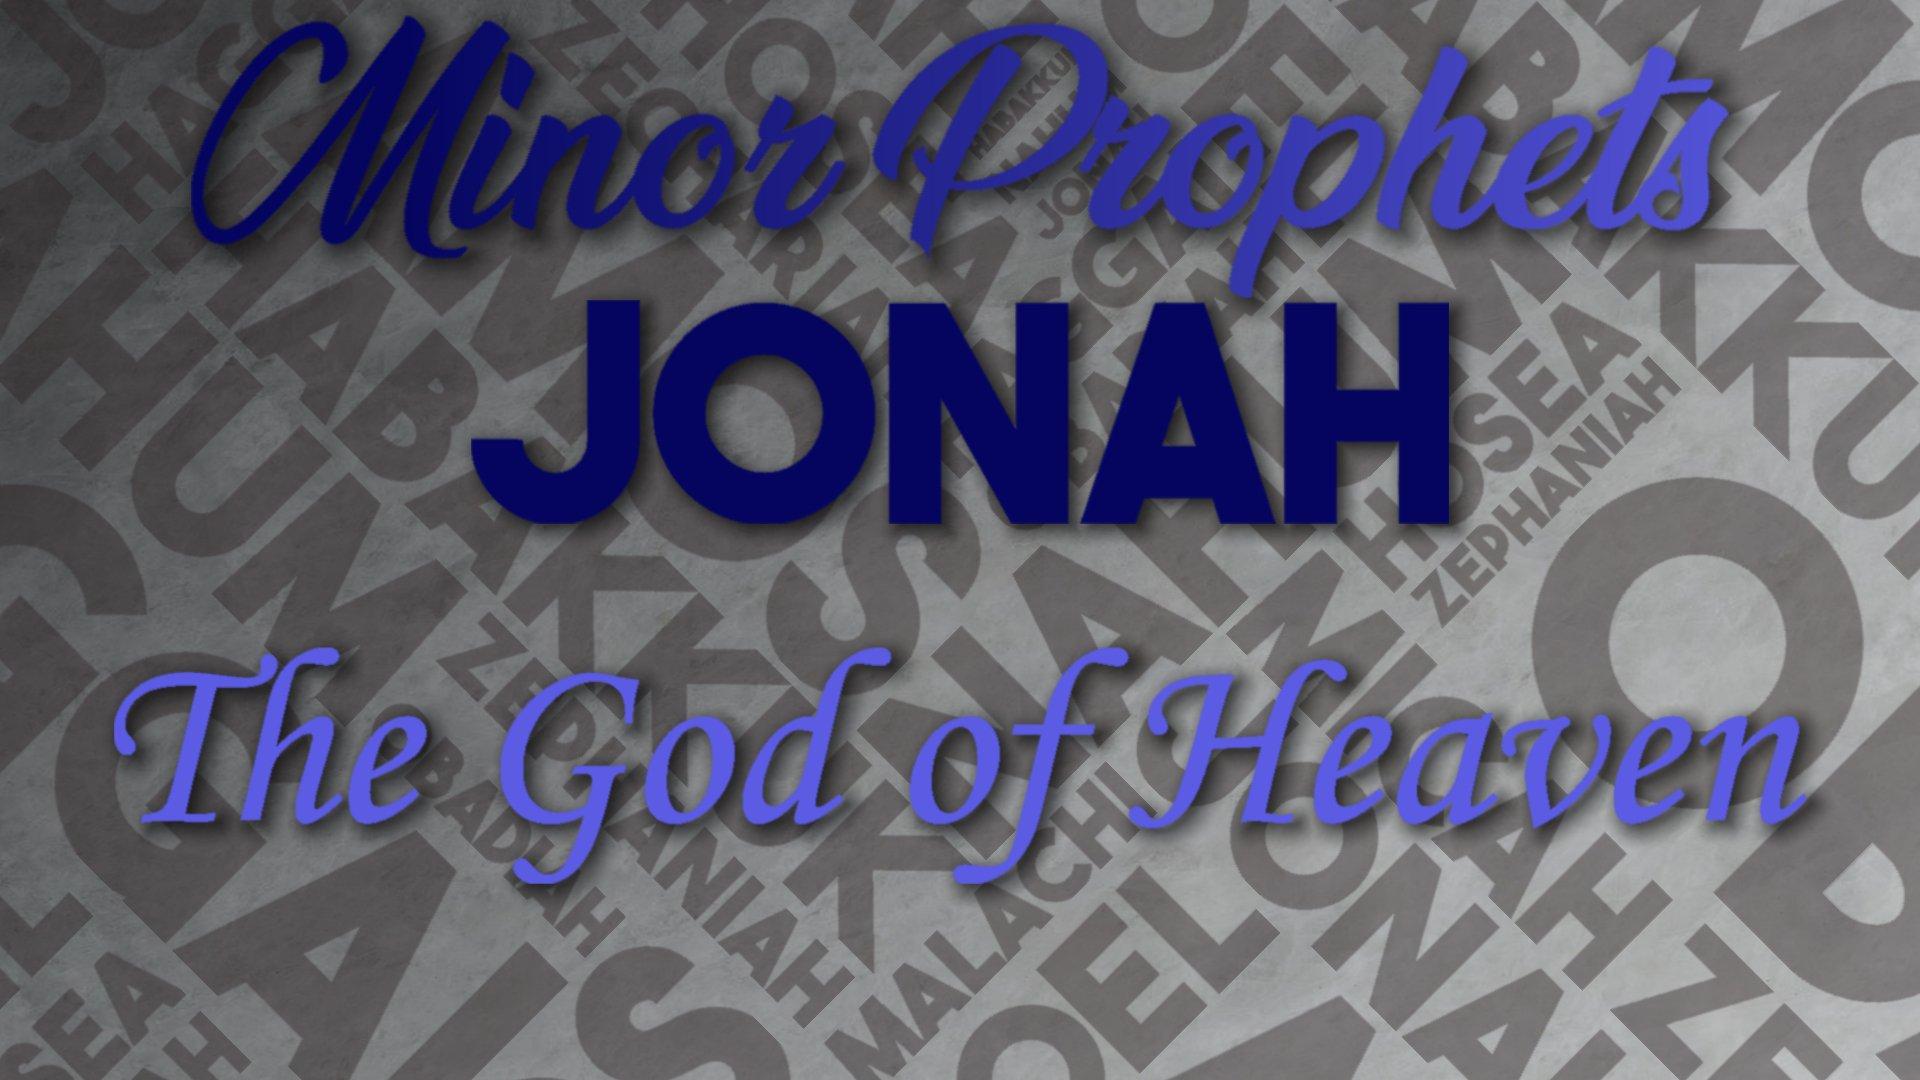 14 The God of Heaven